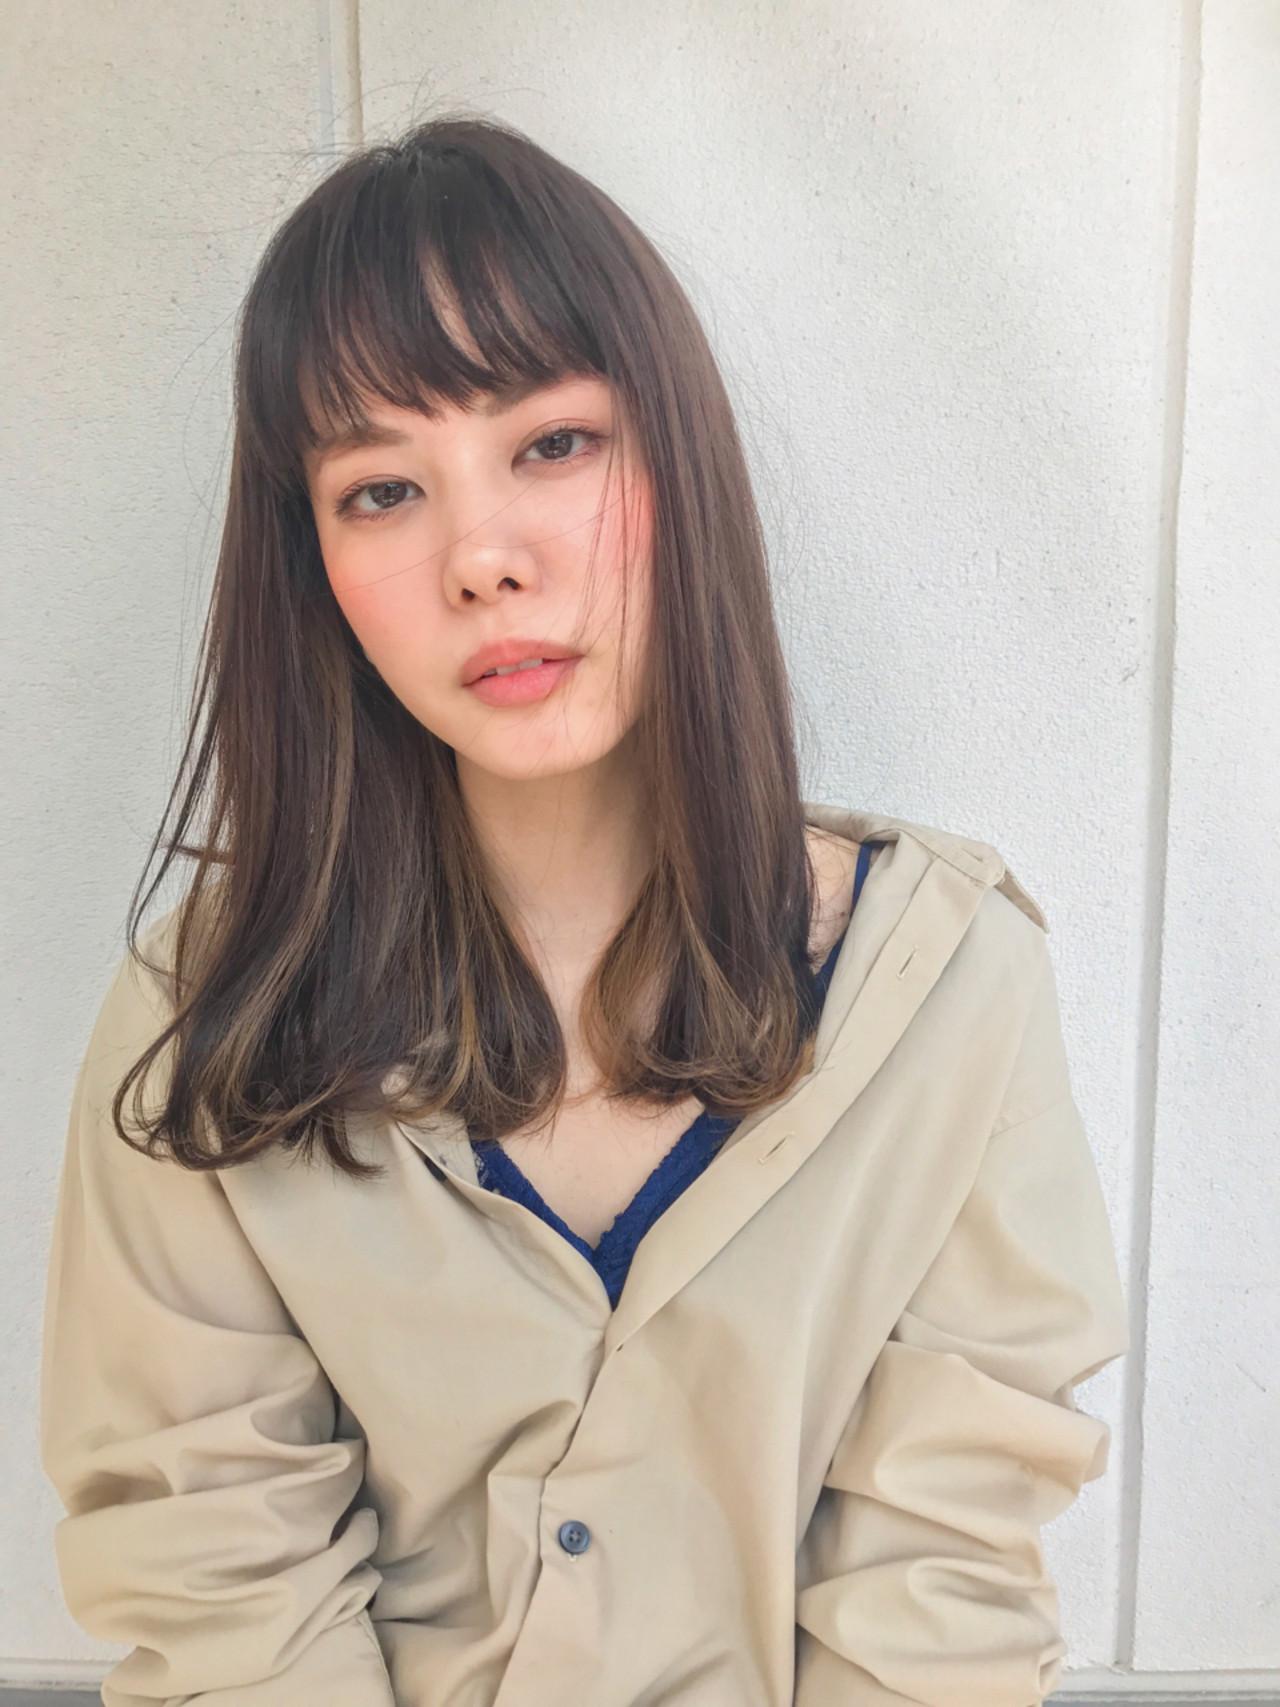 黒髪メッシュで周りと差をつける!マネしたくなるトレンドスタイル♡ Grow by GARDEN 細田